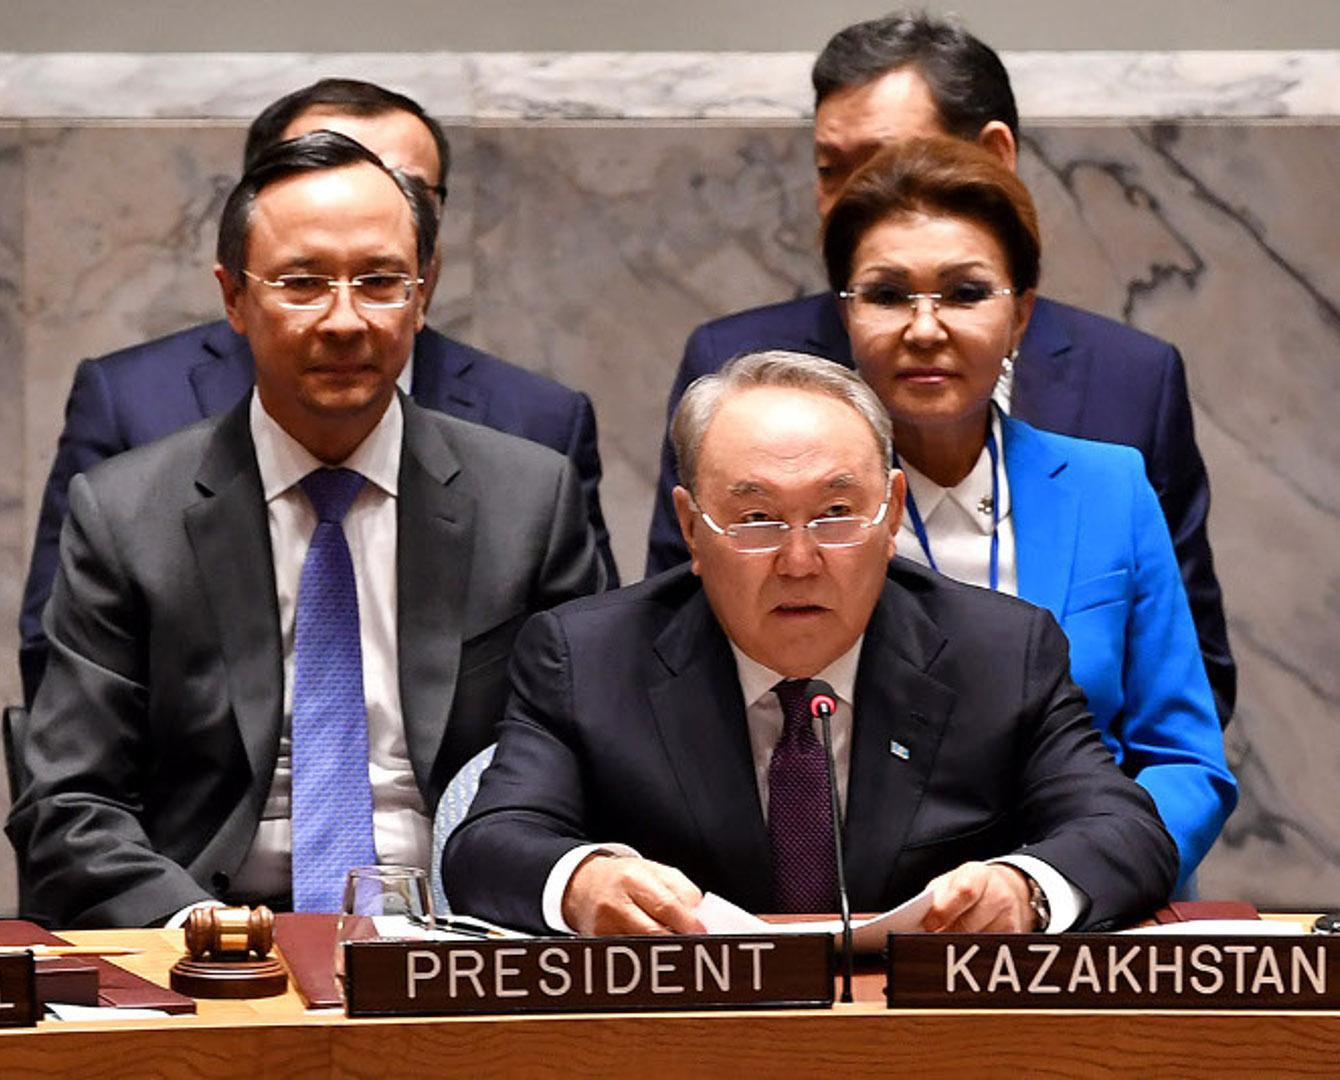 Астана готова выступить в качестве площадки для переговоров по ядерной проблеме КНДР –  UN Insider